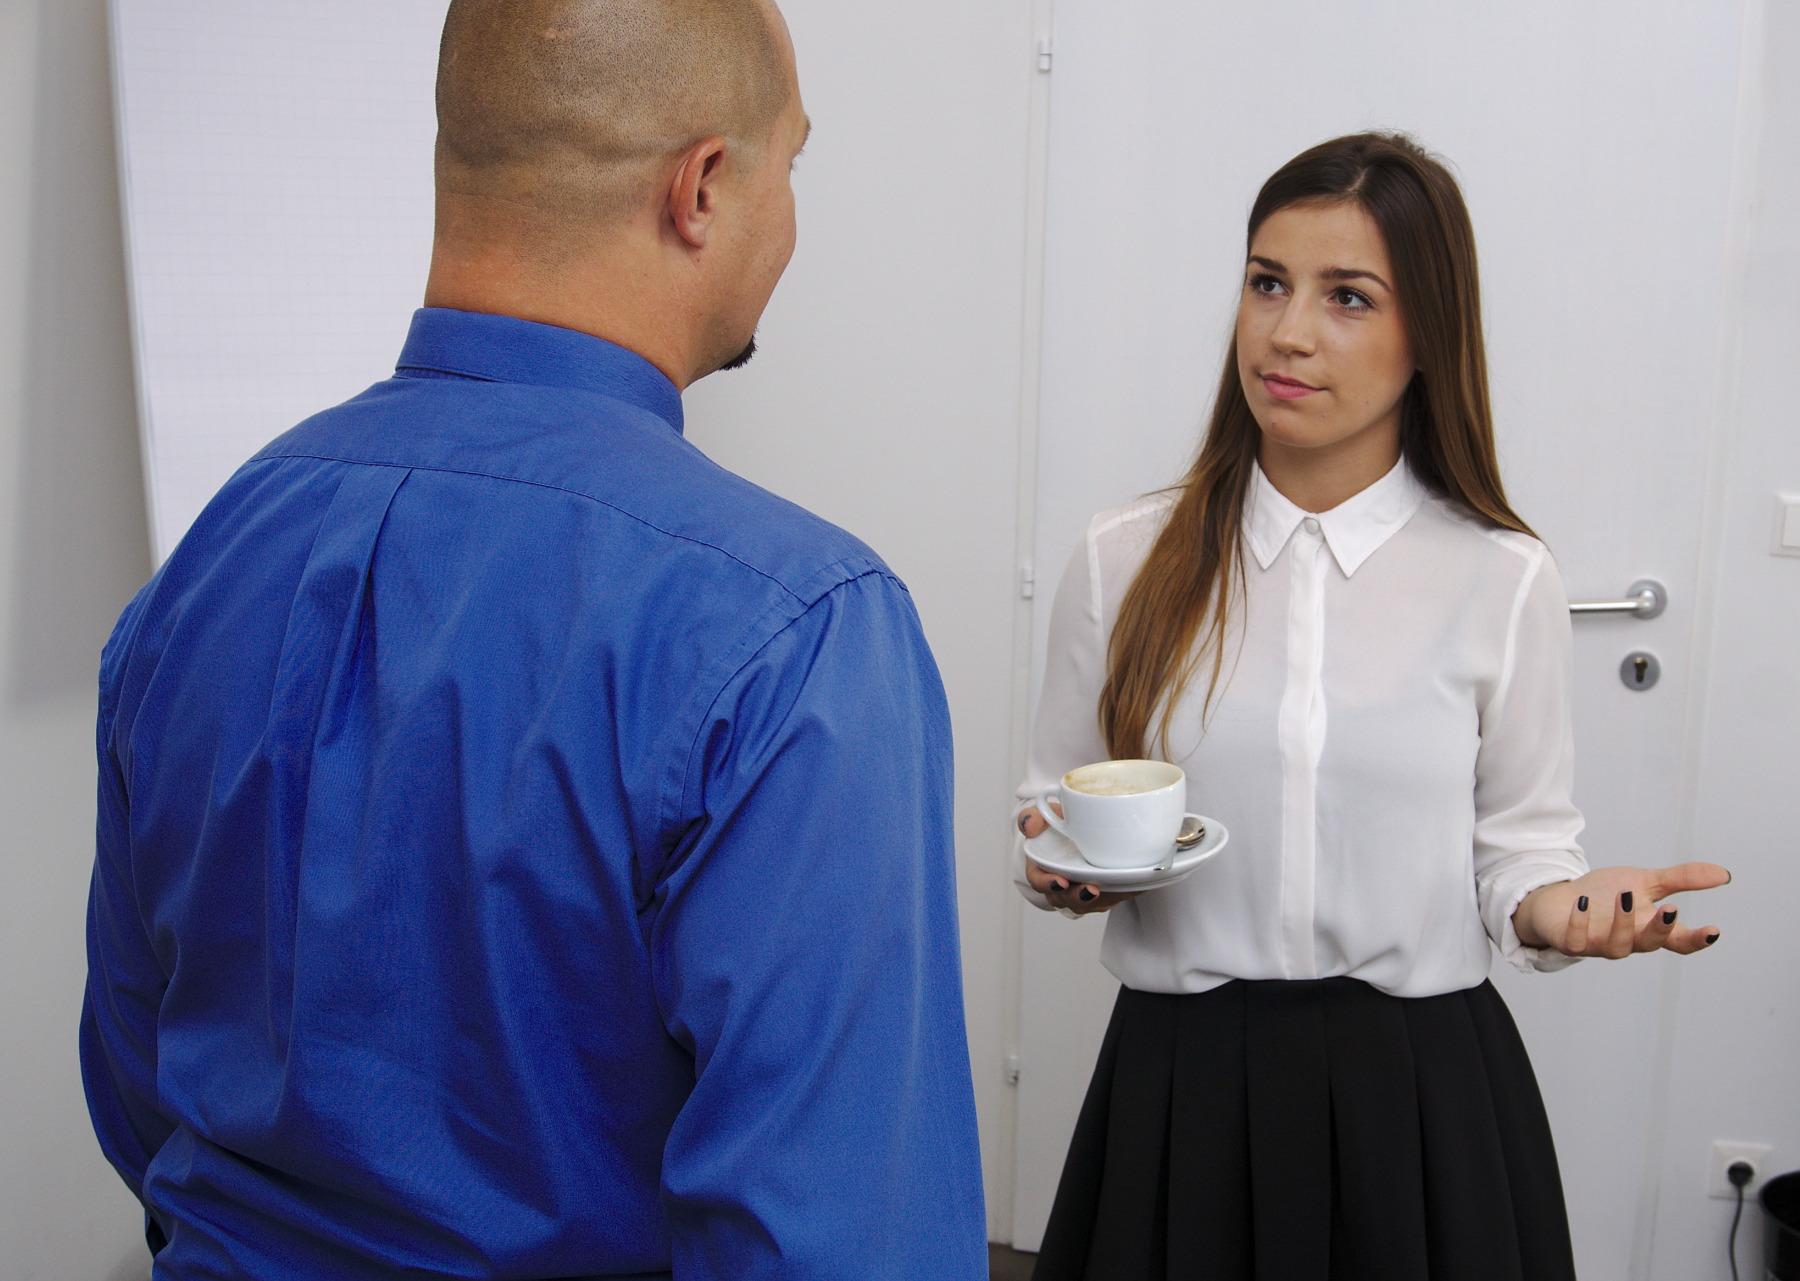 Frau mit Tasse unterhält sich mit Mann